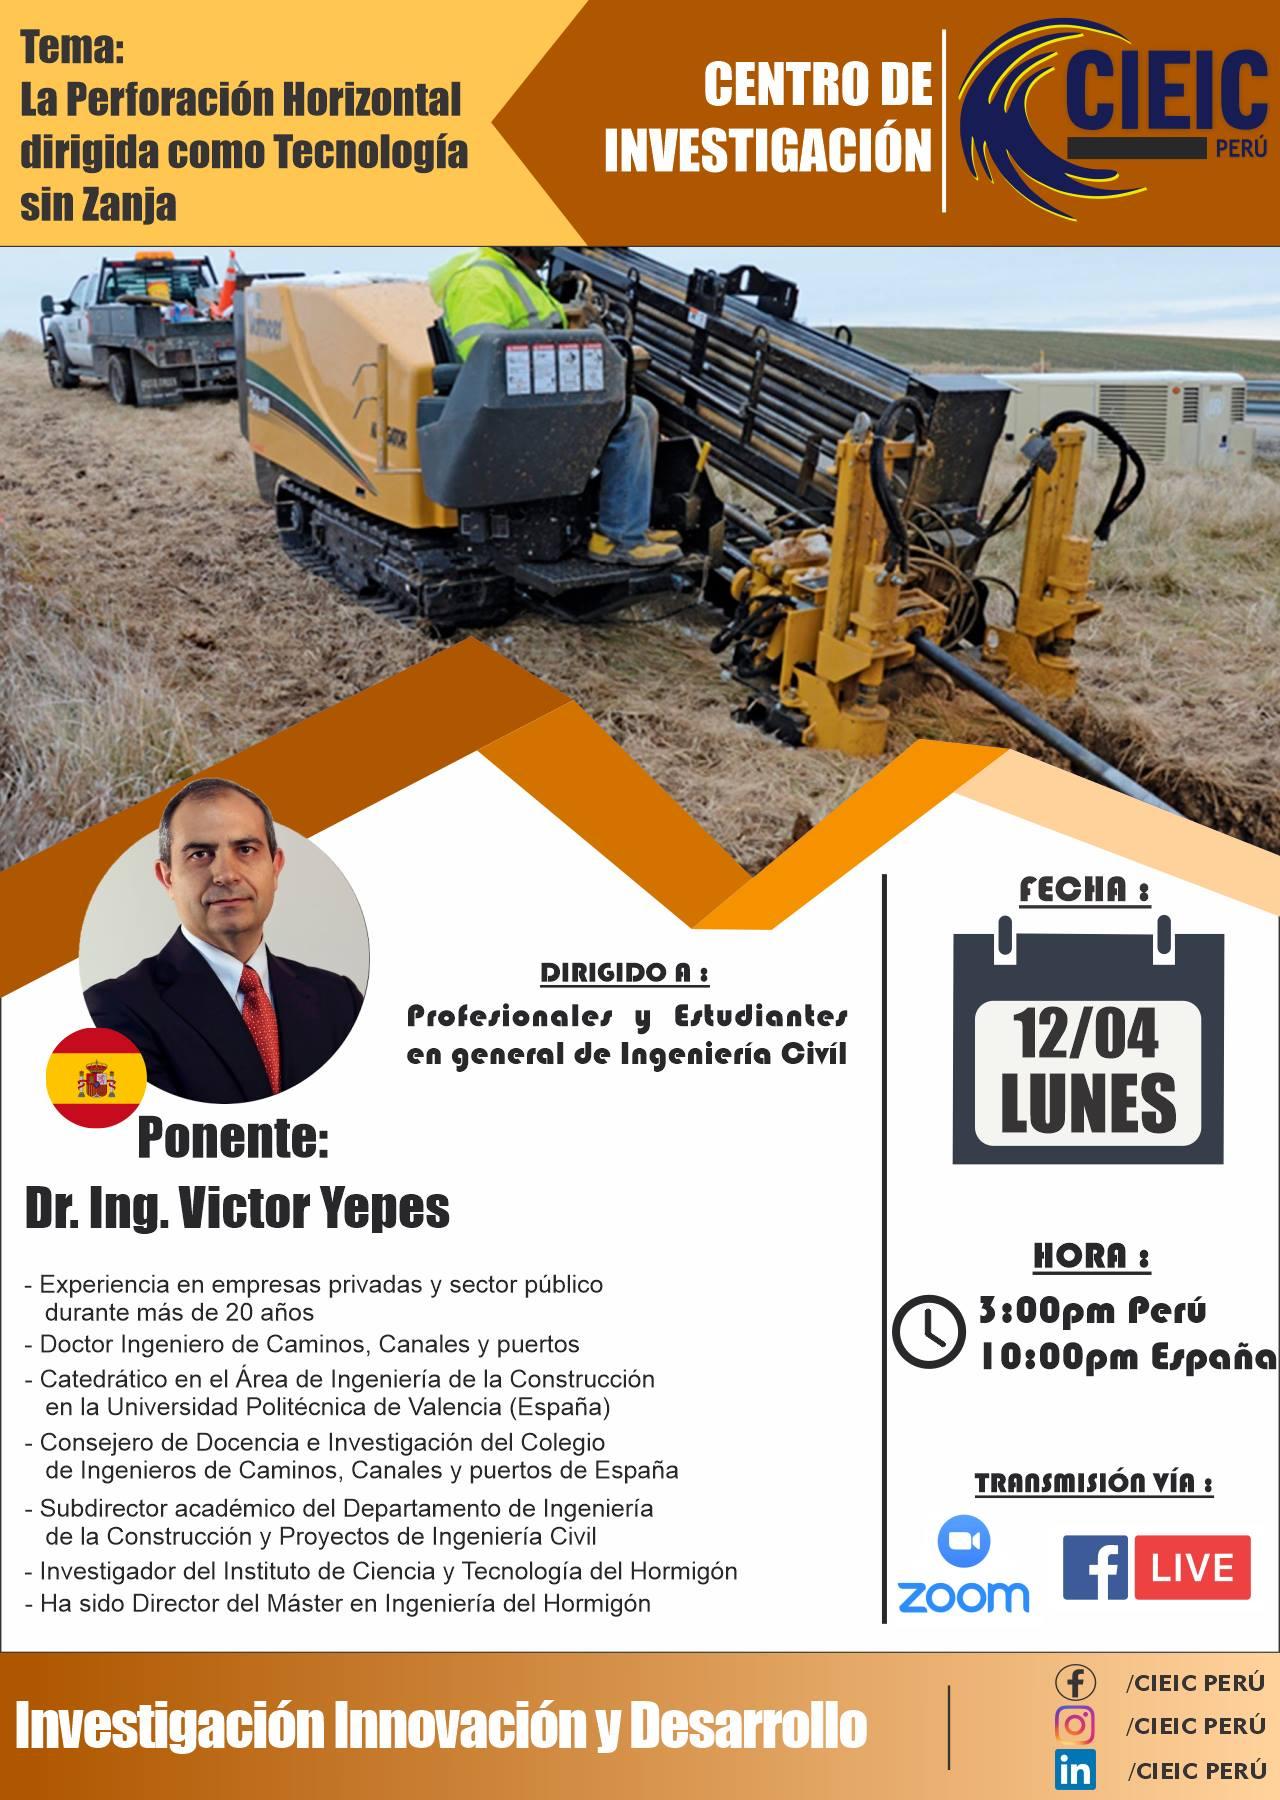 Conferencia Internacional CIEIC PerúIC PERÚ